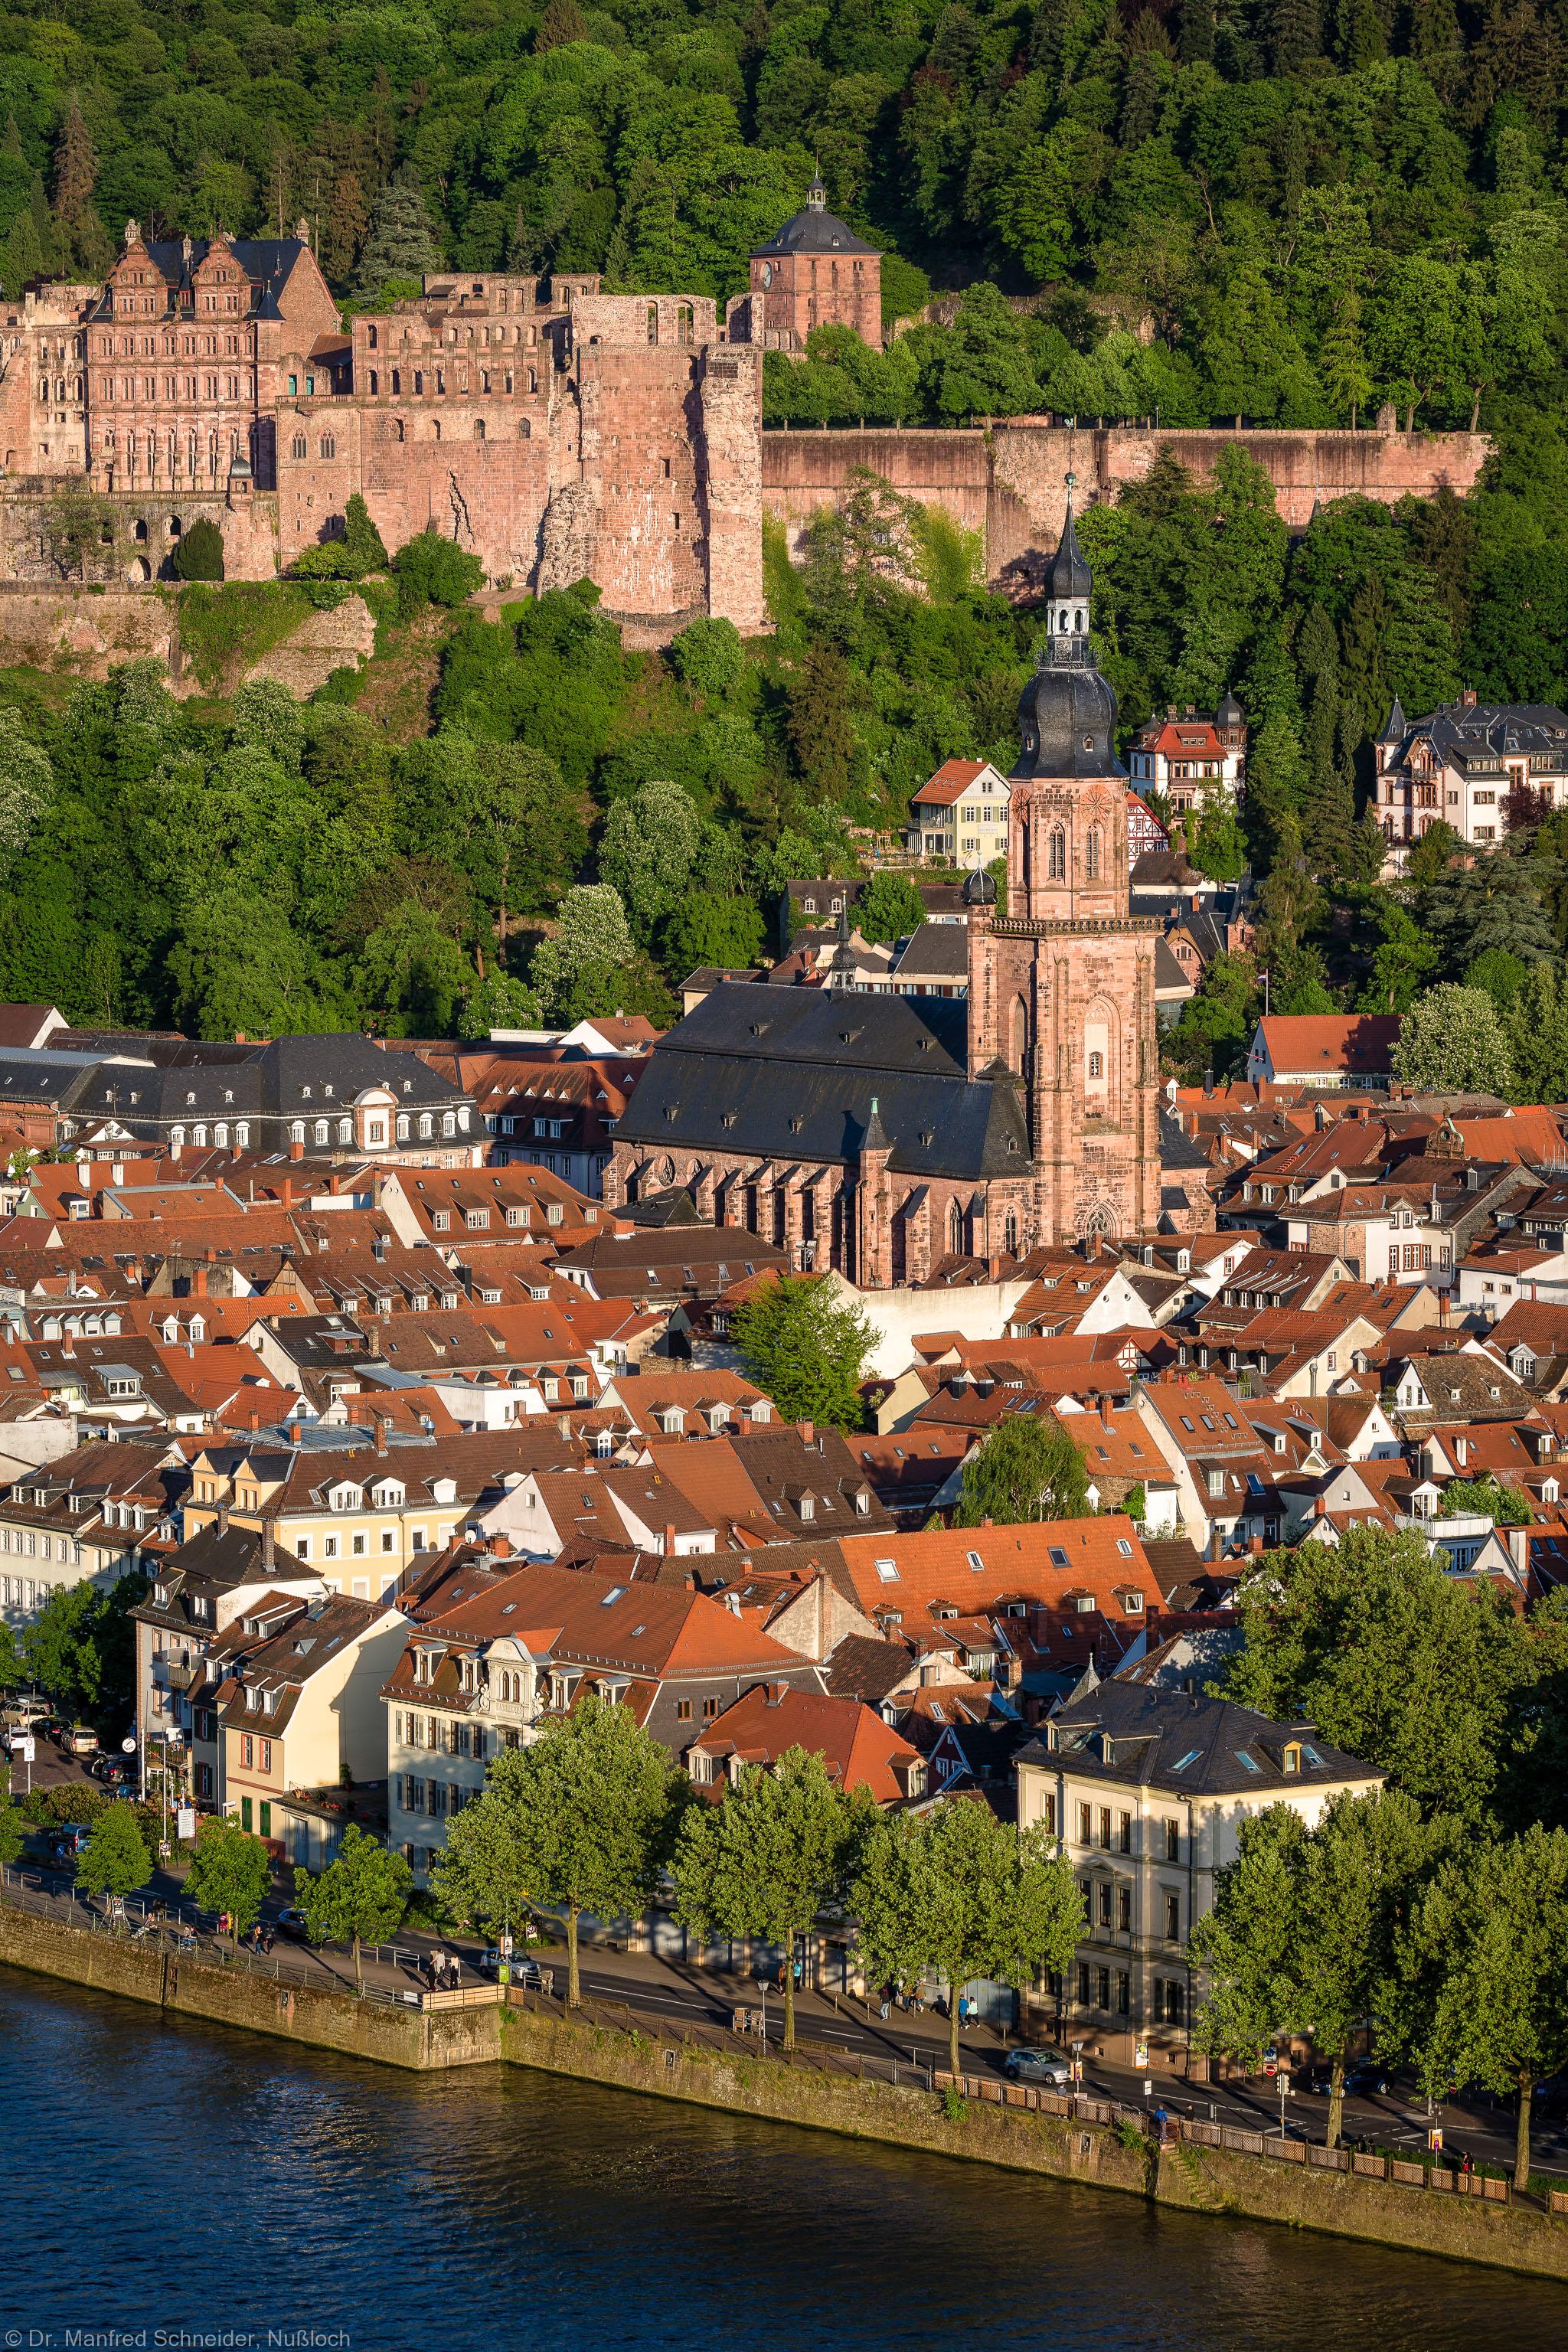 Heidelberg - Heiliggeistkirche - Nordwestseite - Blick vom westlichen Philosophenweg auf das Schloss, die Altstadt und die Heiliggeistkirche (aufgenommen im Mai 2015, am frühen Abend)